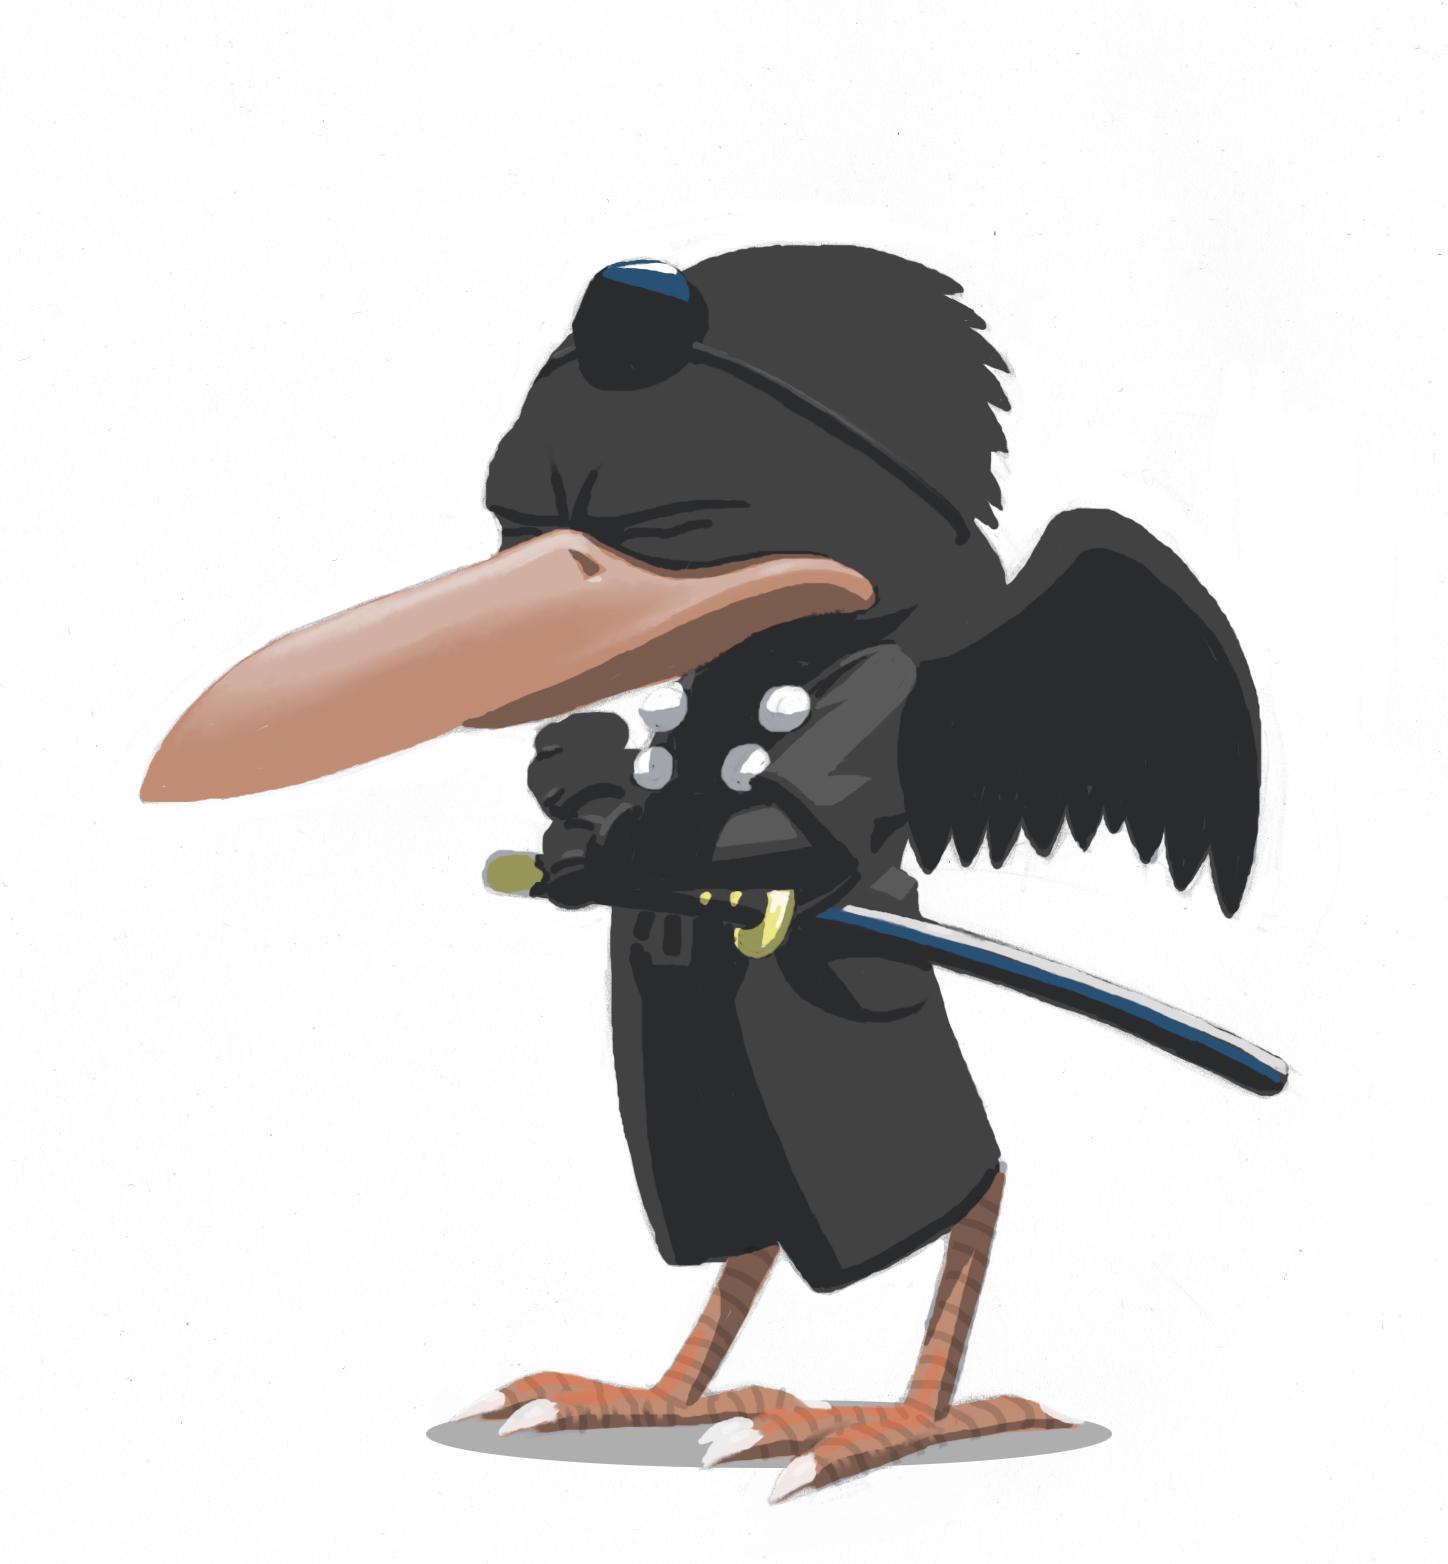 Mini Ninjas - Mini Ninjas Арт, Персонаж